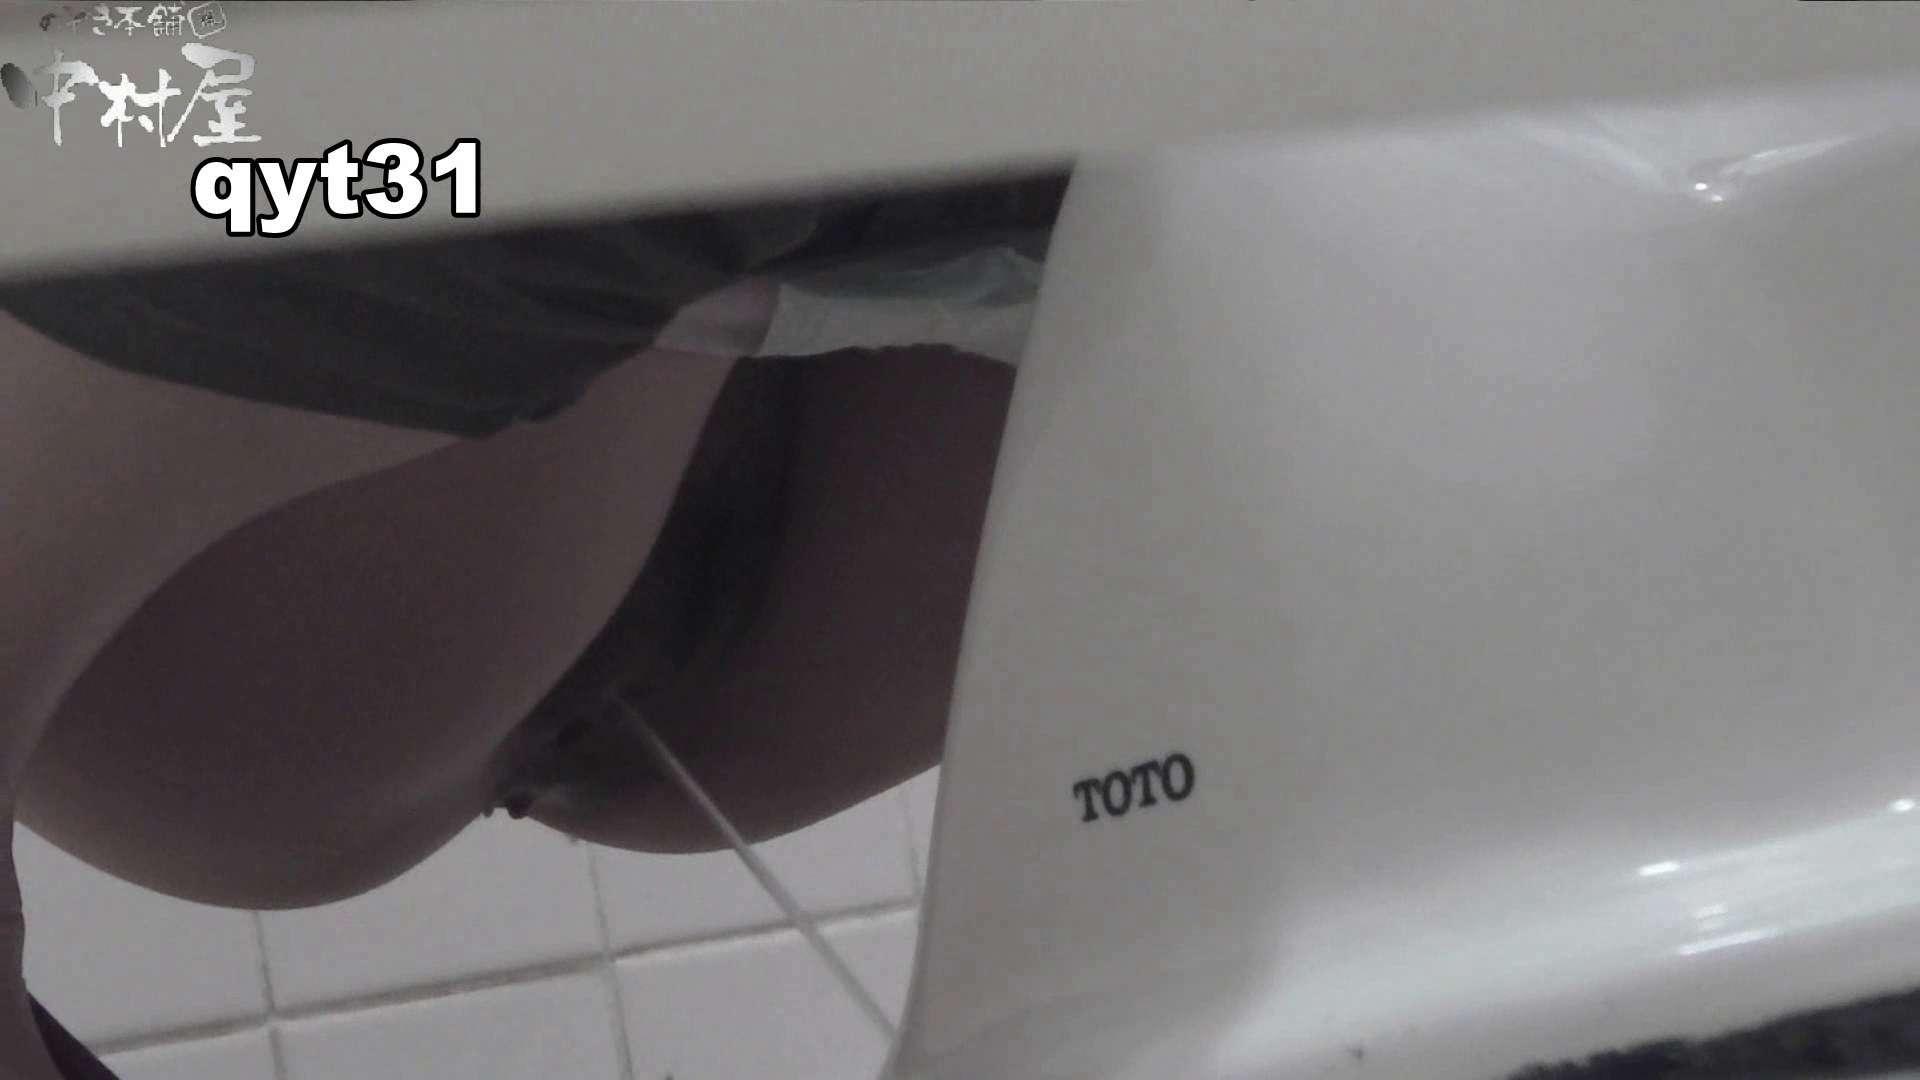 【お銀さんの「洗面所突入レポート!!」】お銀さんの「洗面所突入レポート!!」 vol.31 Σ(||゚Д゚)ヒィ~!! OLセックス  66画像 24